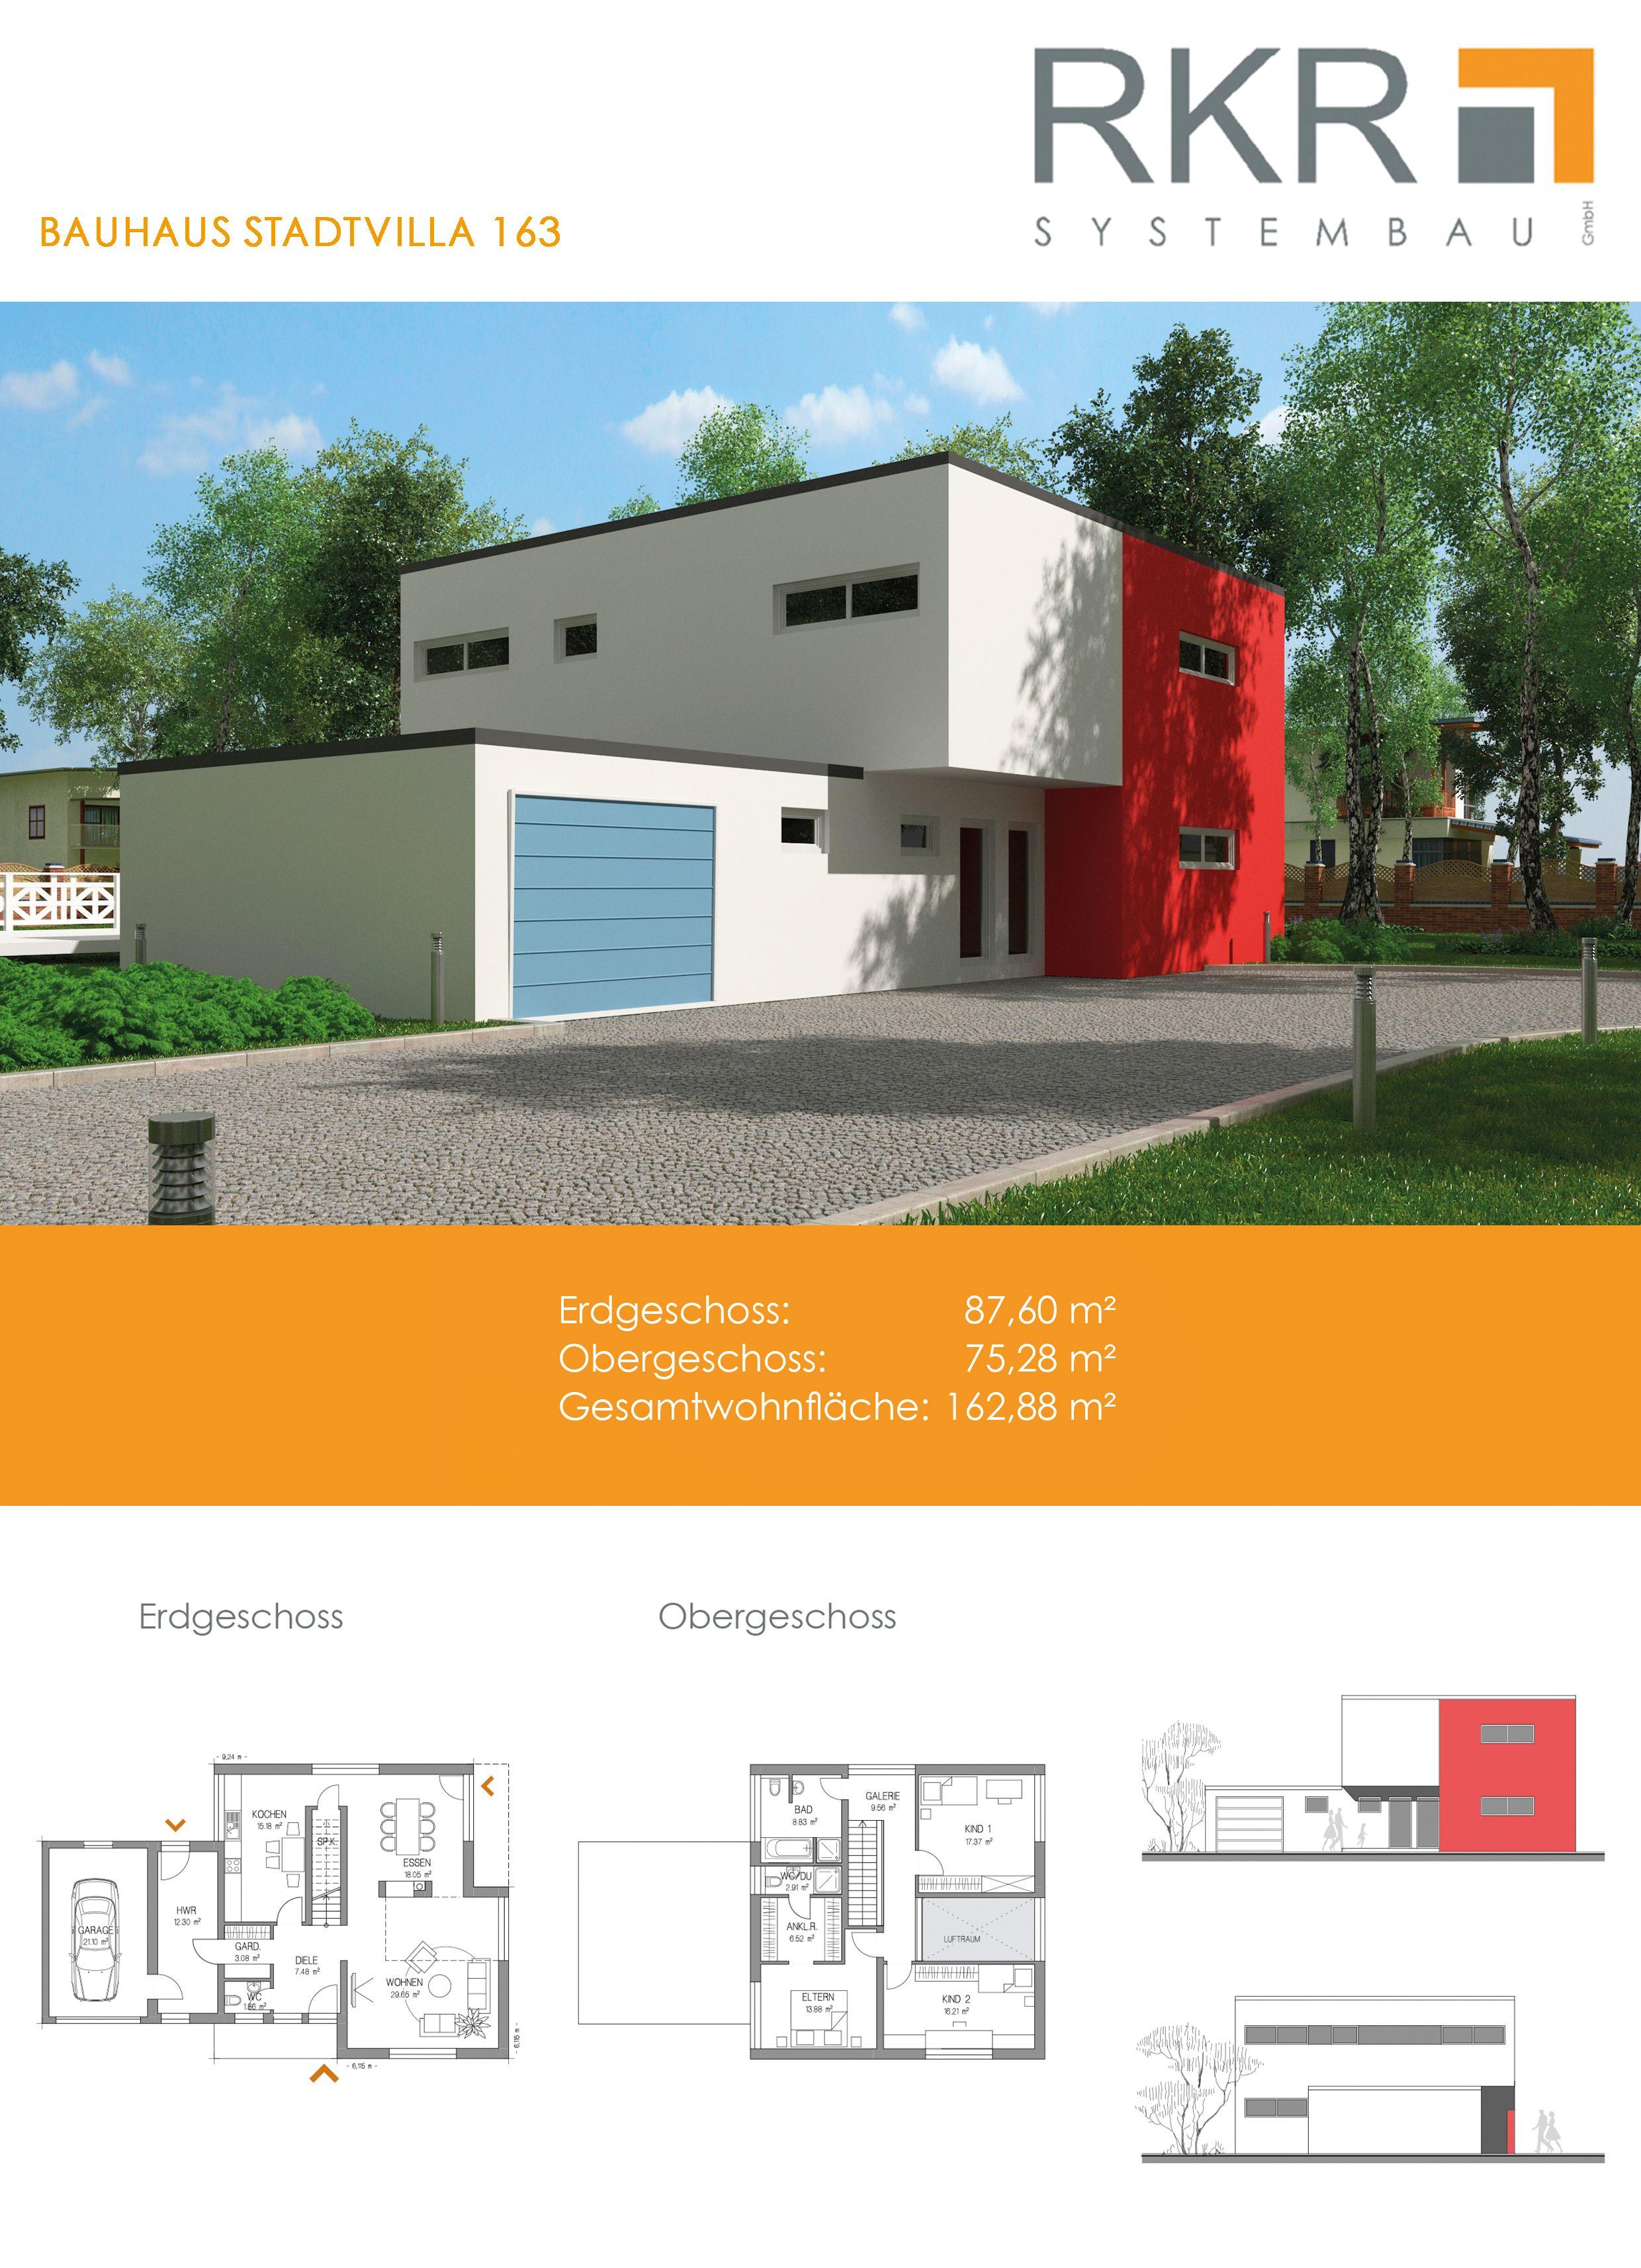 RKR Systembau GmbH präsentiert Ihnen eine Bauhaus Stadtvilla Neben dem bemerkenswert großen Wohnbereich und